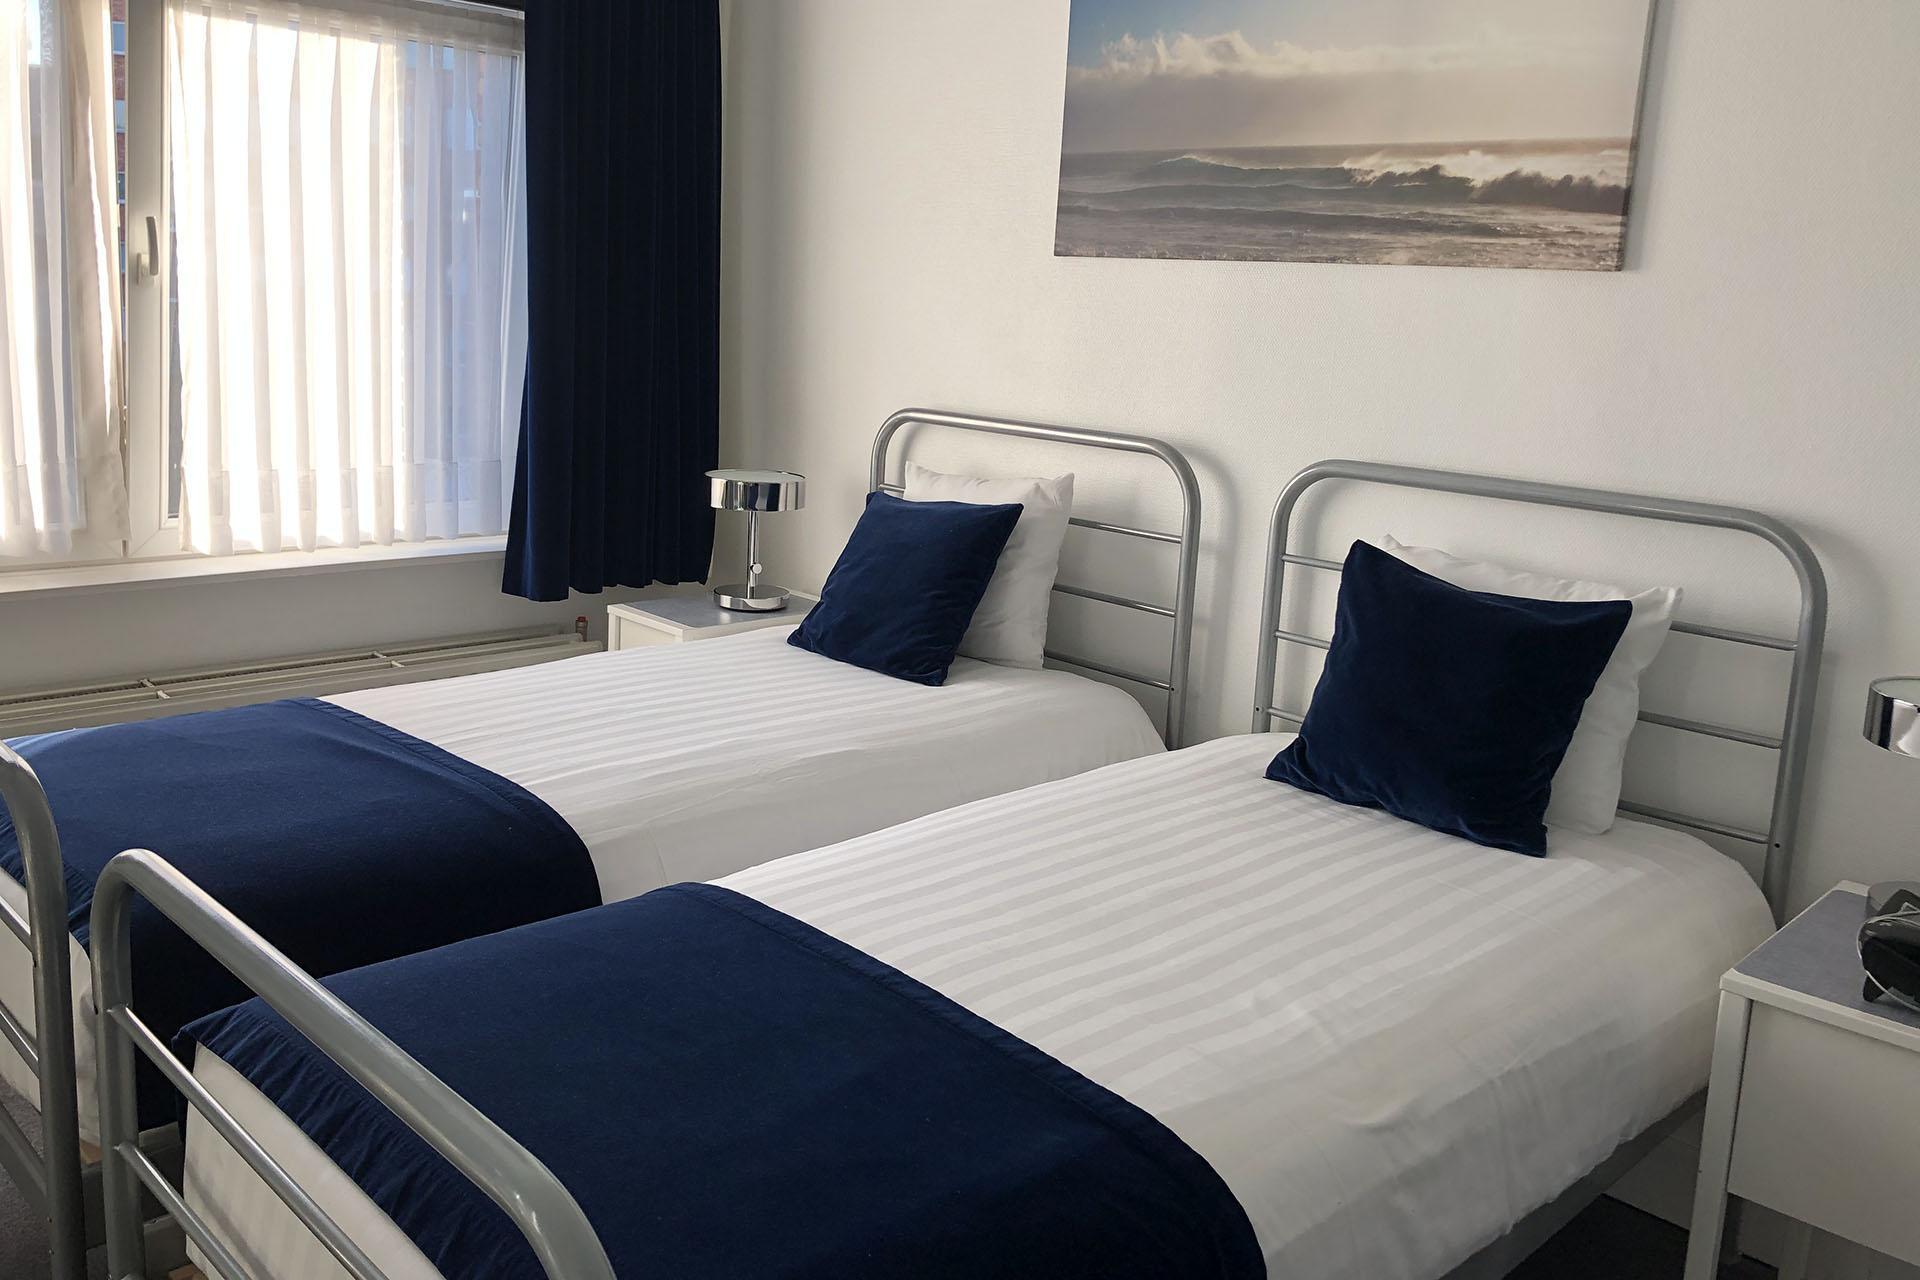 Liege Hôtel Eurotel - Chambre - Lit simple